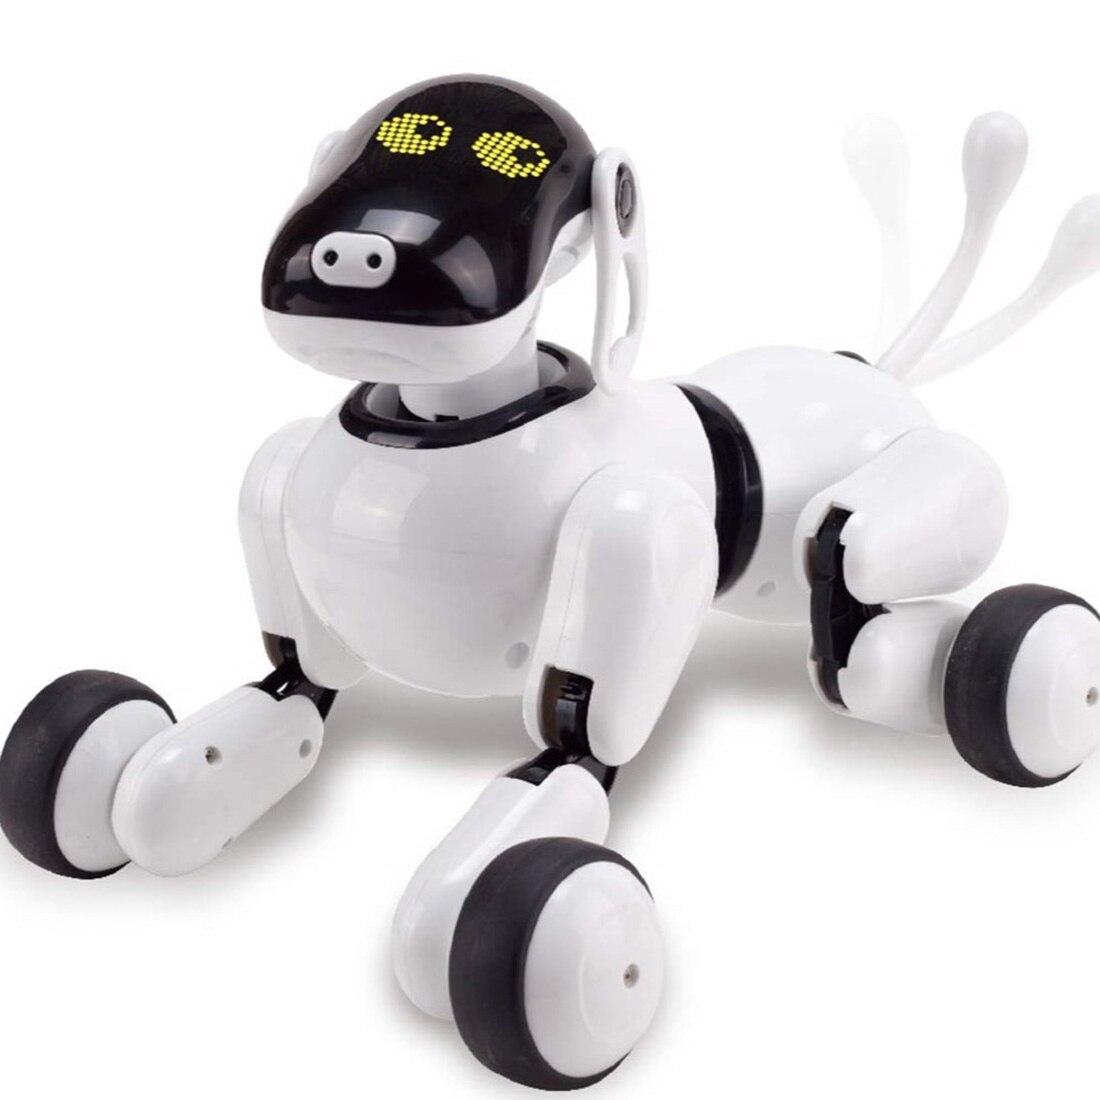 Nouveau jouet pour chien Robot pour animaux de compagnie avec Interation/danse/chant/contrôle de reconnaissance vocale/sensible au toucher/Actions-blanc